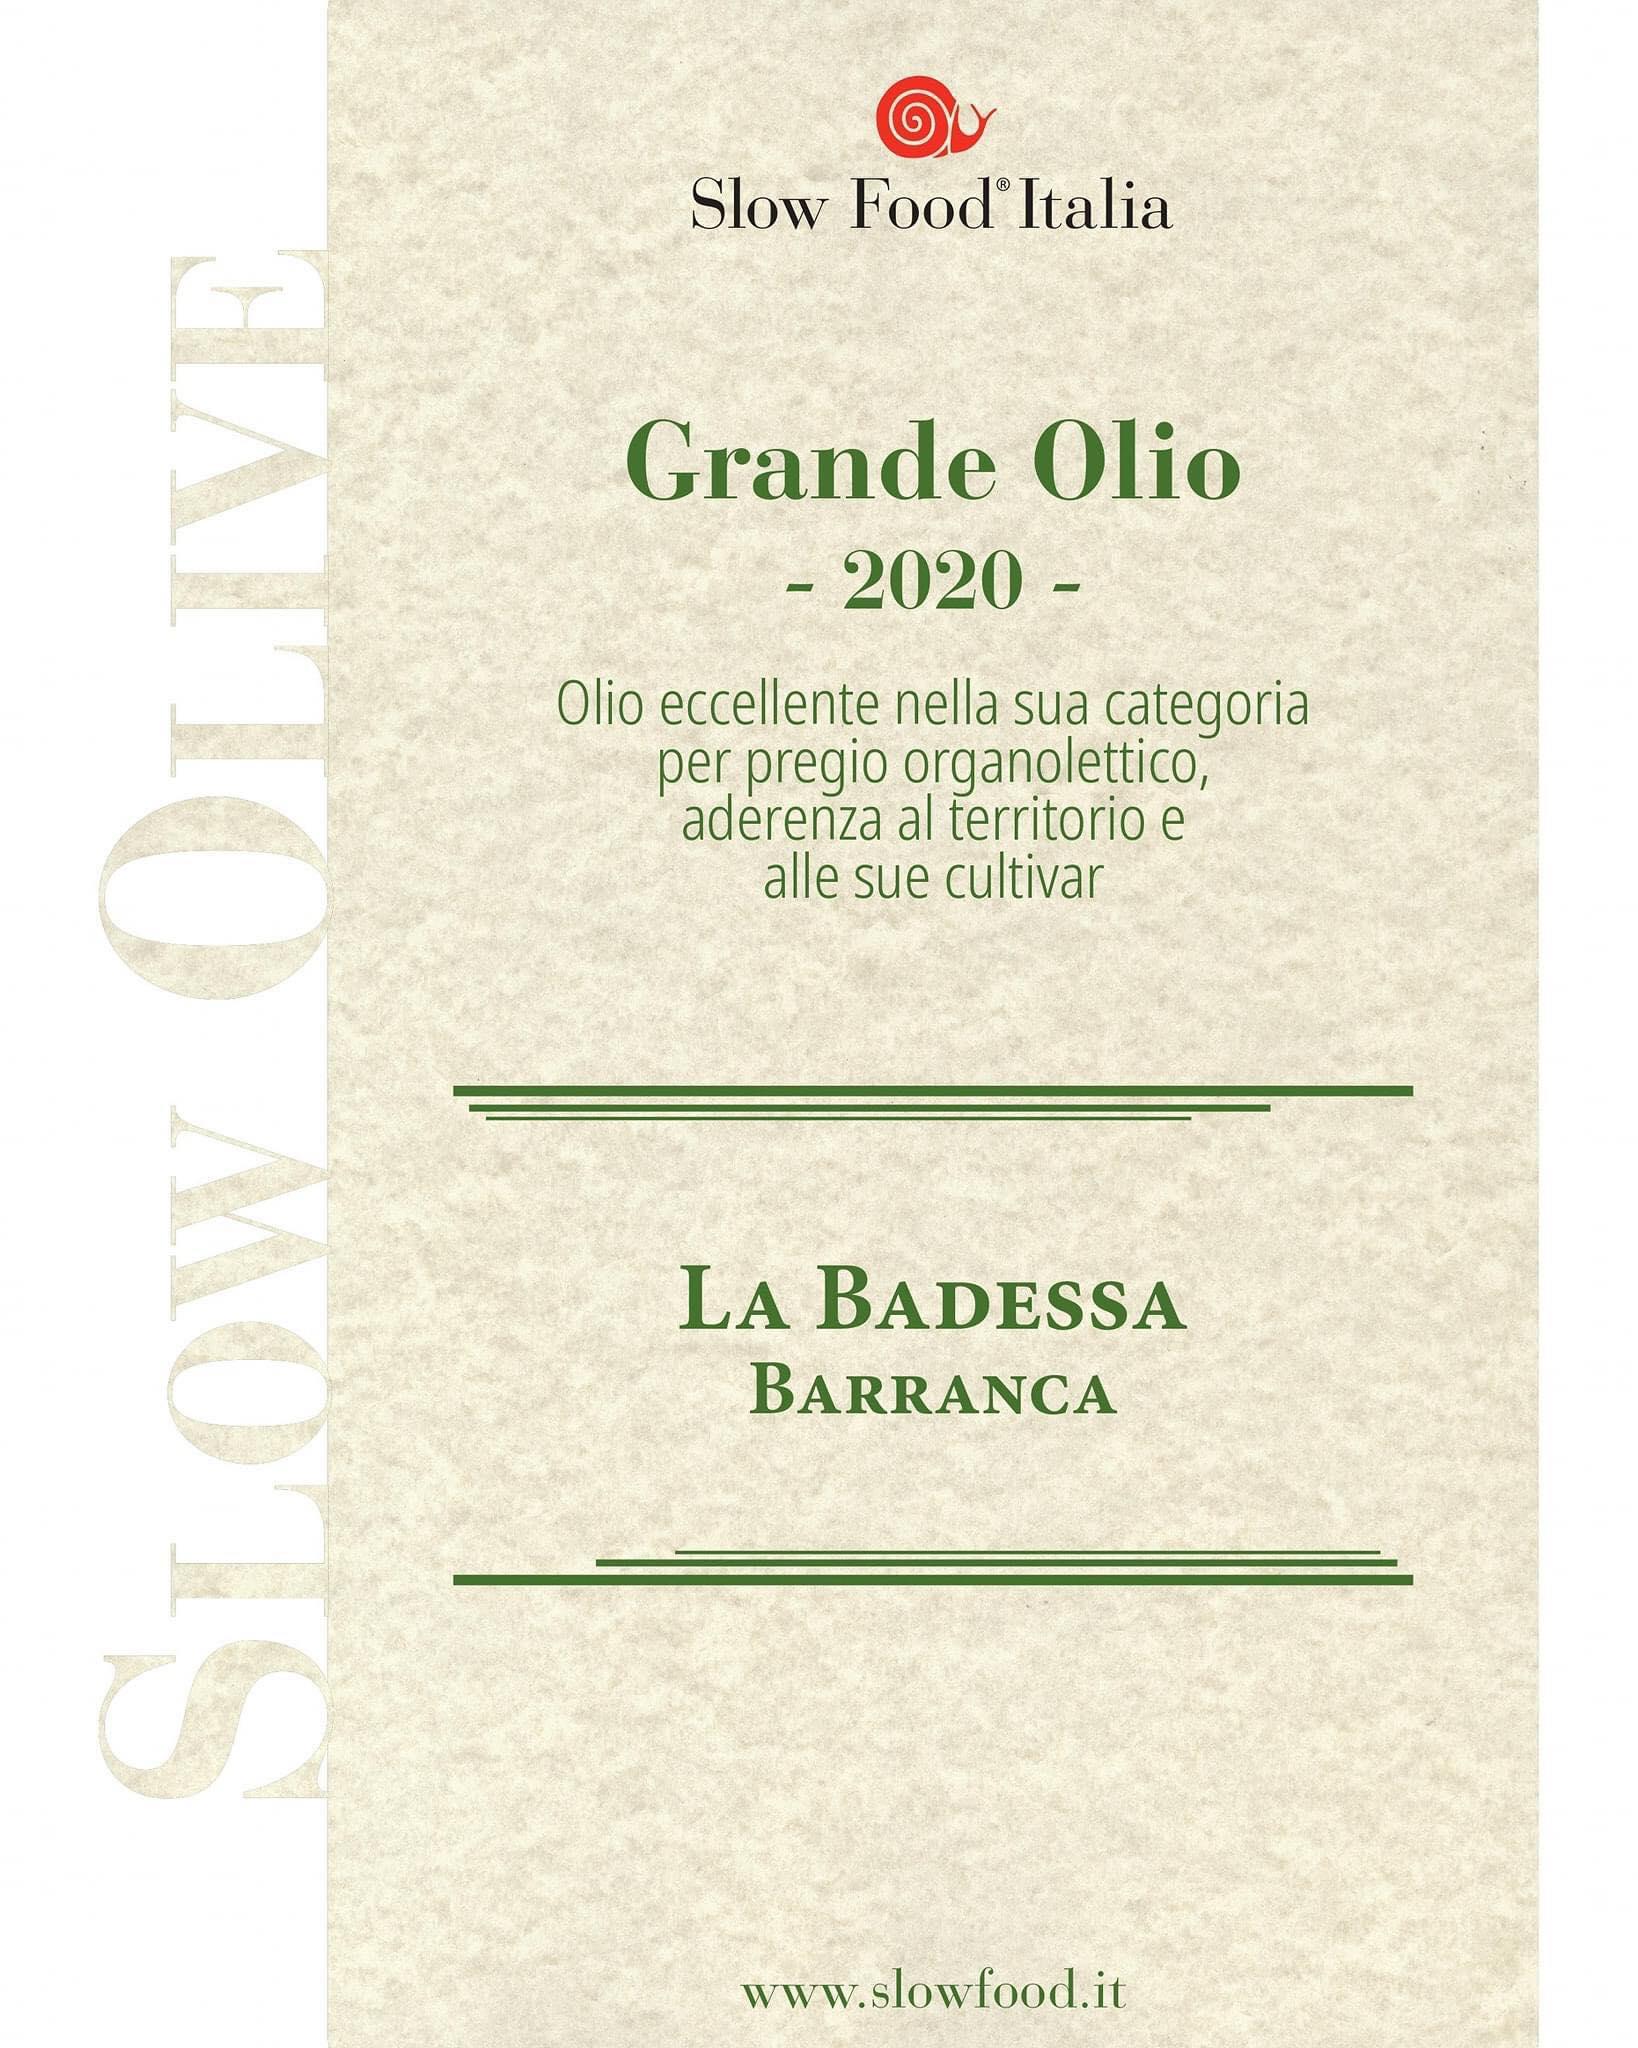 バランカスローフード協会偉大なオリーブオイル